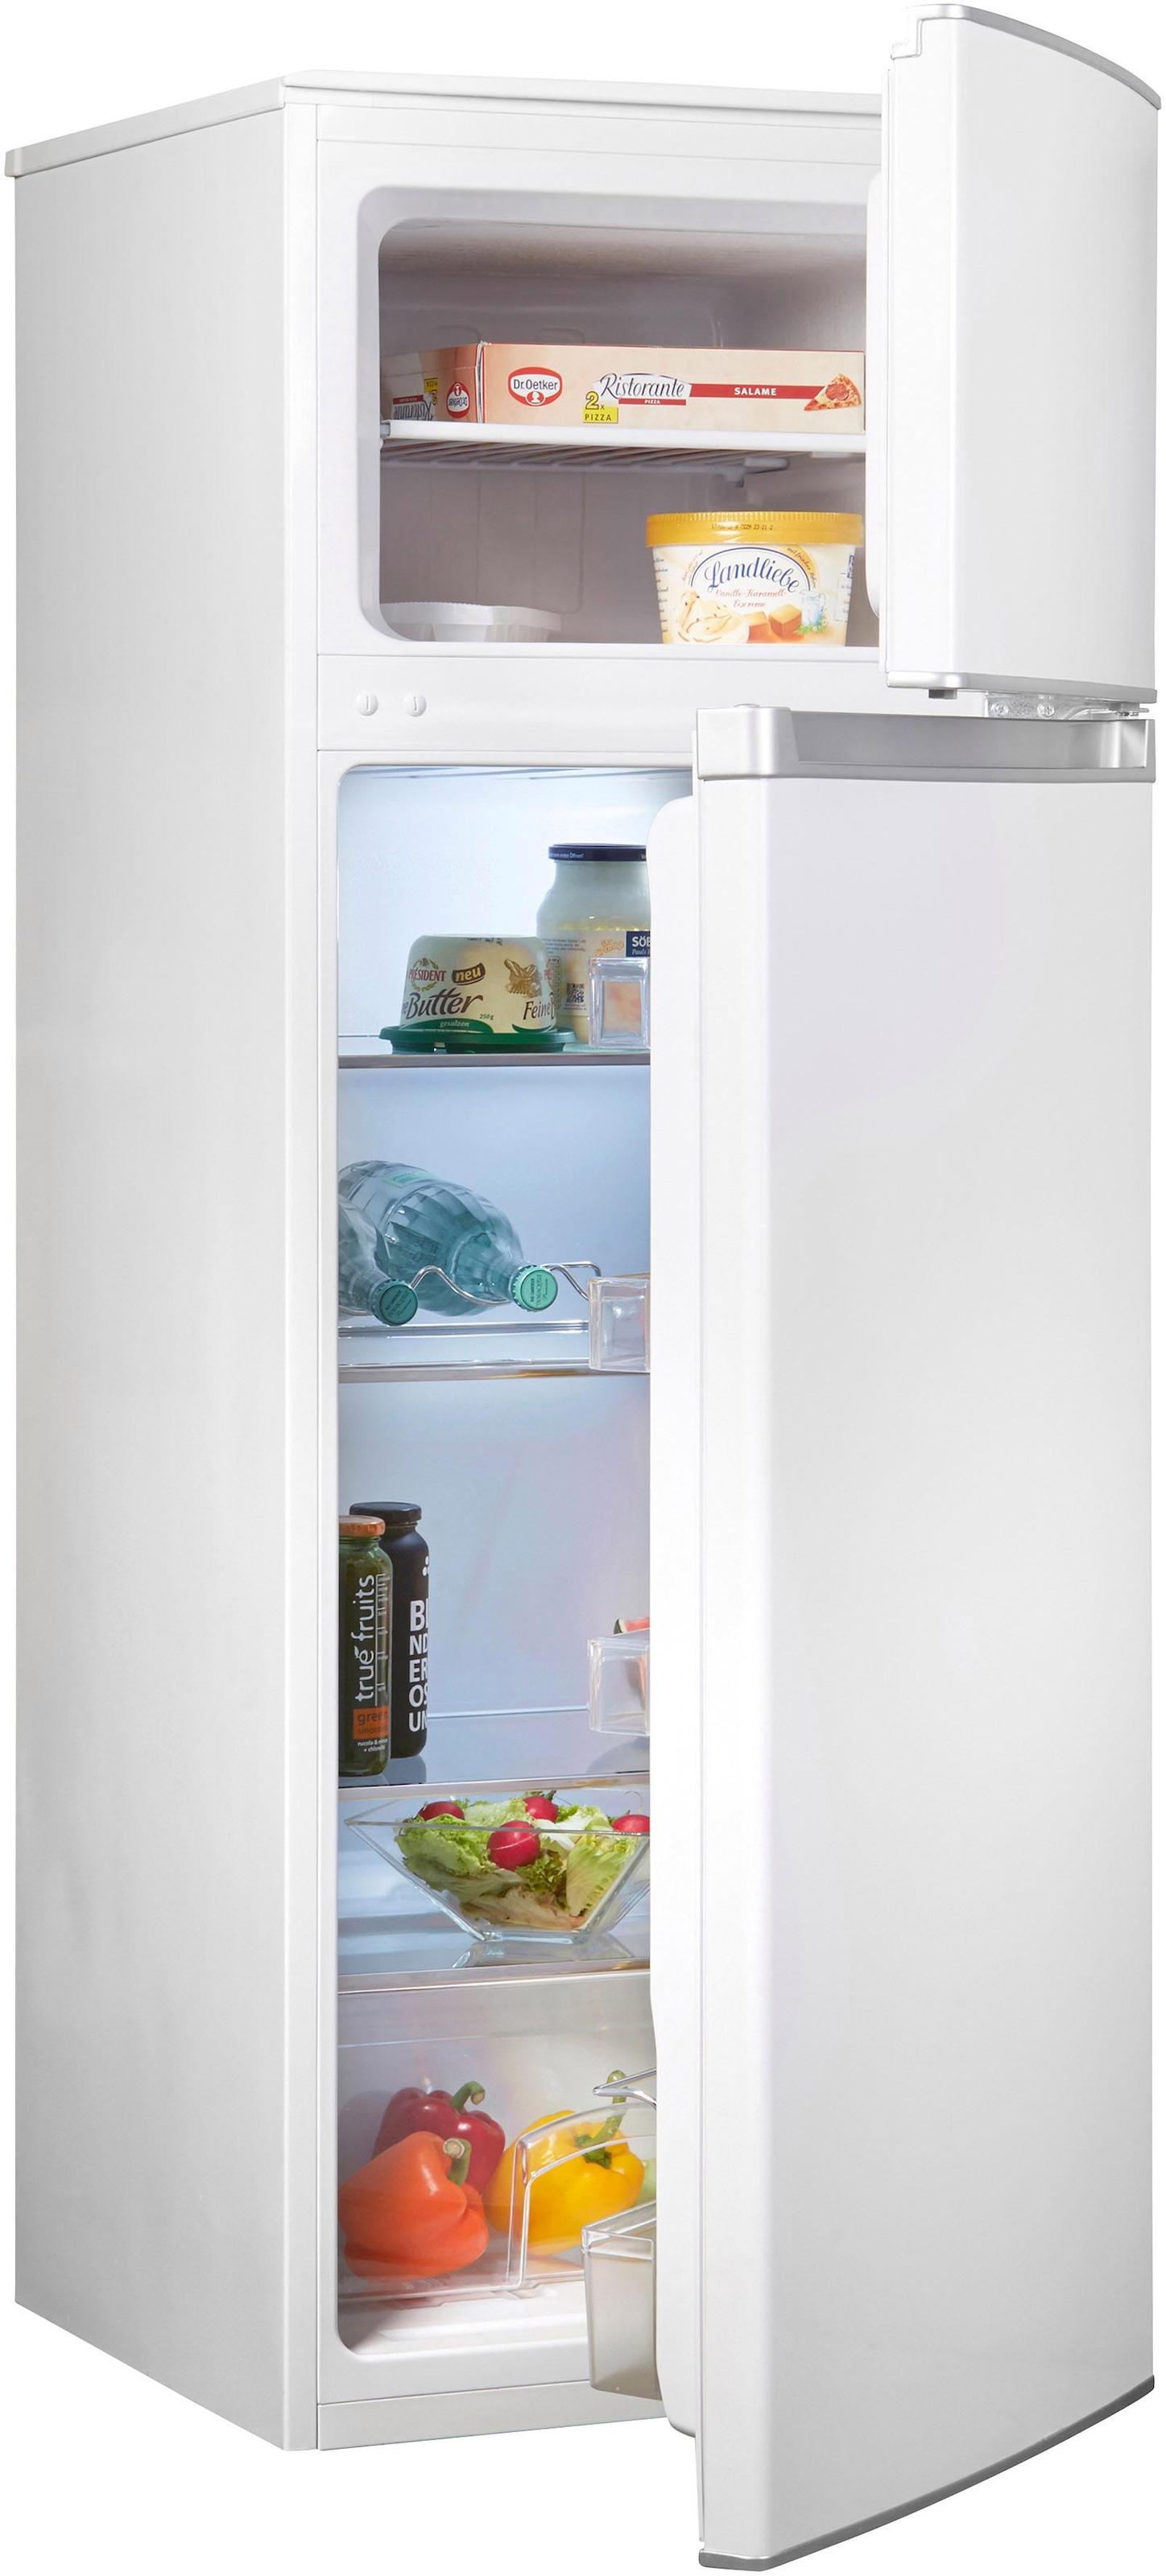 Kleiner Kühlschrank Billig Kaufen : Kühlschränke online auf rechnung raten kaufen baur